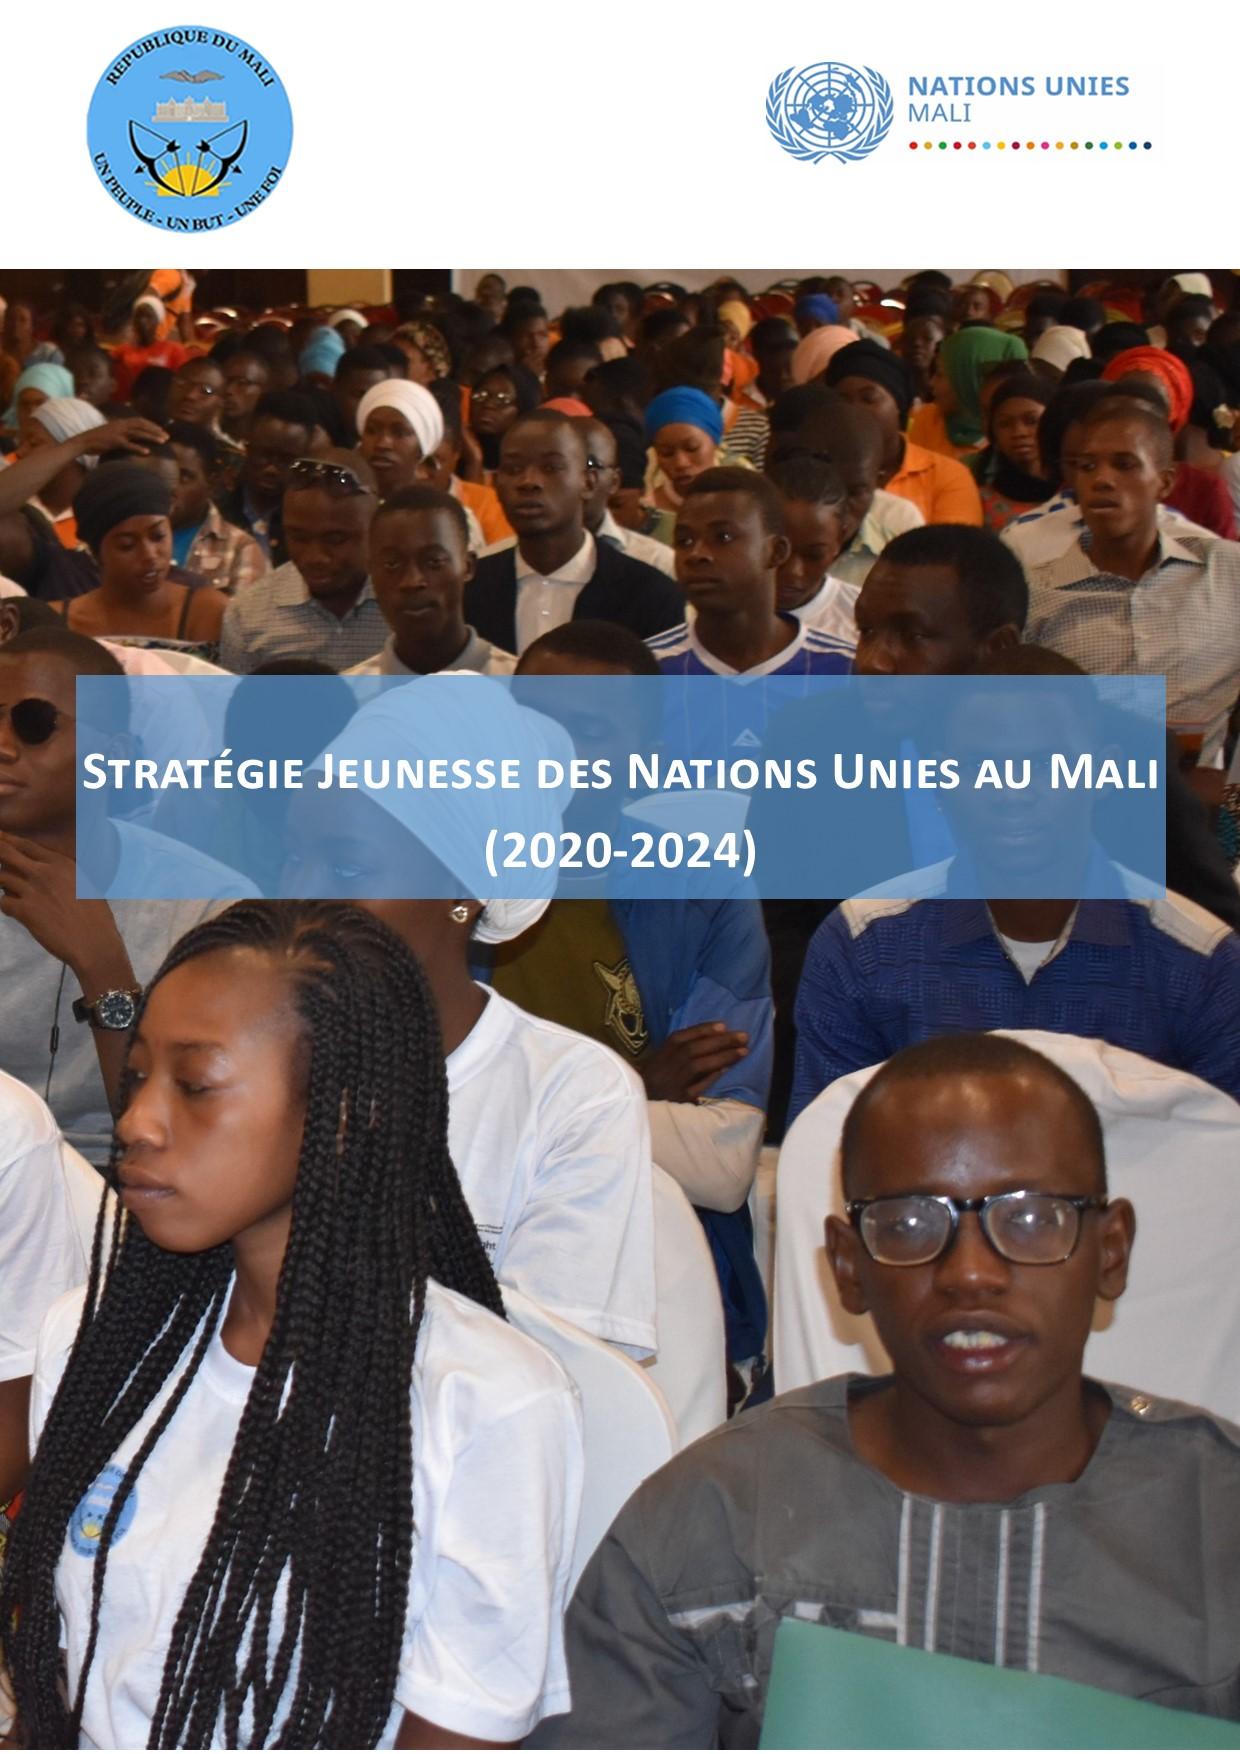 Stratégie Jeunesse des Nations Unies au Mali  (2020-2024)